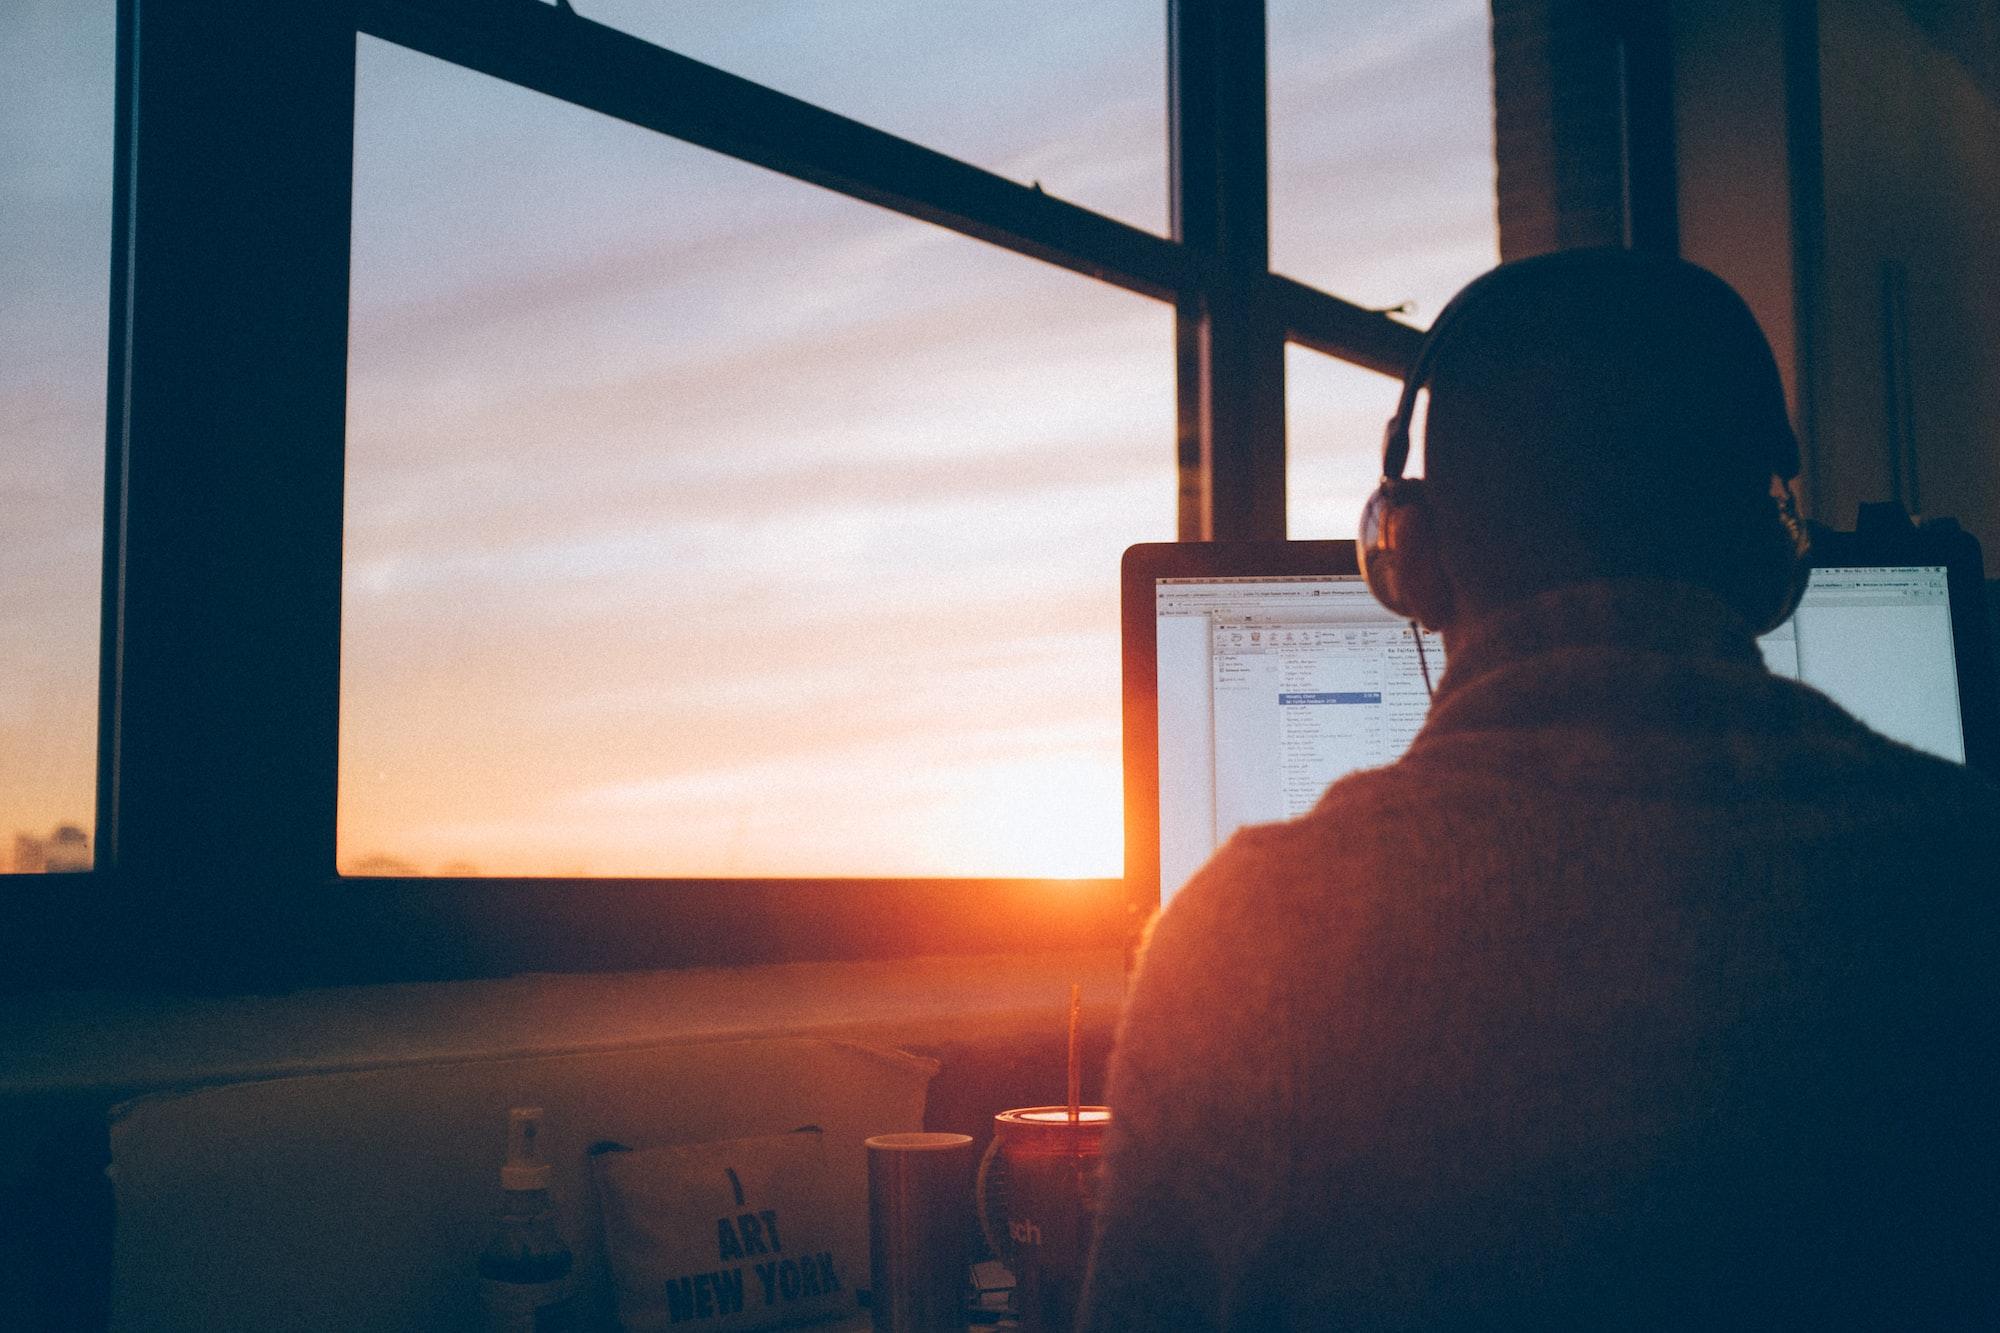 77 Best Remote Job Boards to Find Remote Work Online in 2021